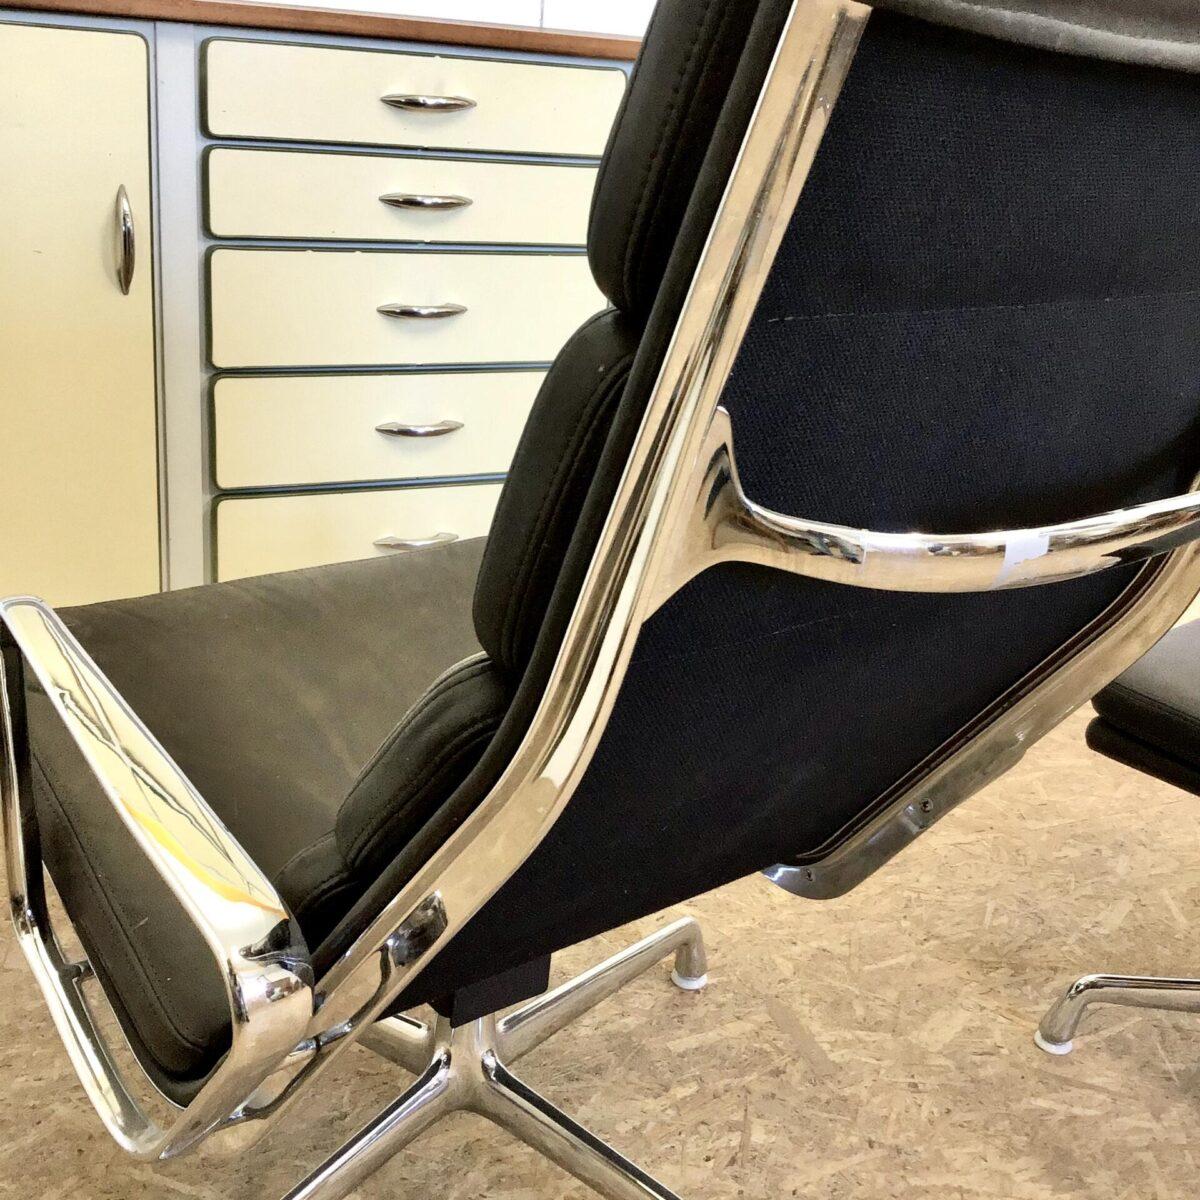 Vitra Soft Pad Chair EA 222 von Charles und Ray Eames plus Stool EA 223. Leichter Farbunterschied zwischen Hocker und Chair, durch verschieden starke Nutzung. Technisch soweit alles in gutem Zustand.